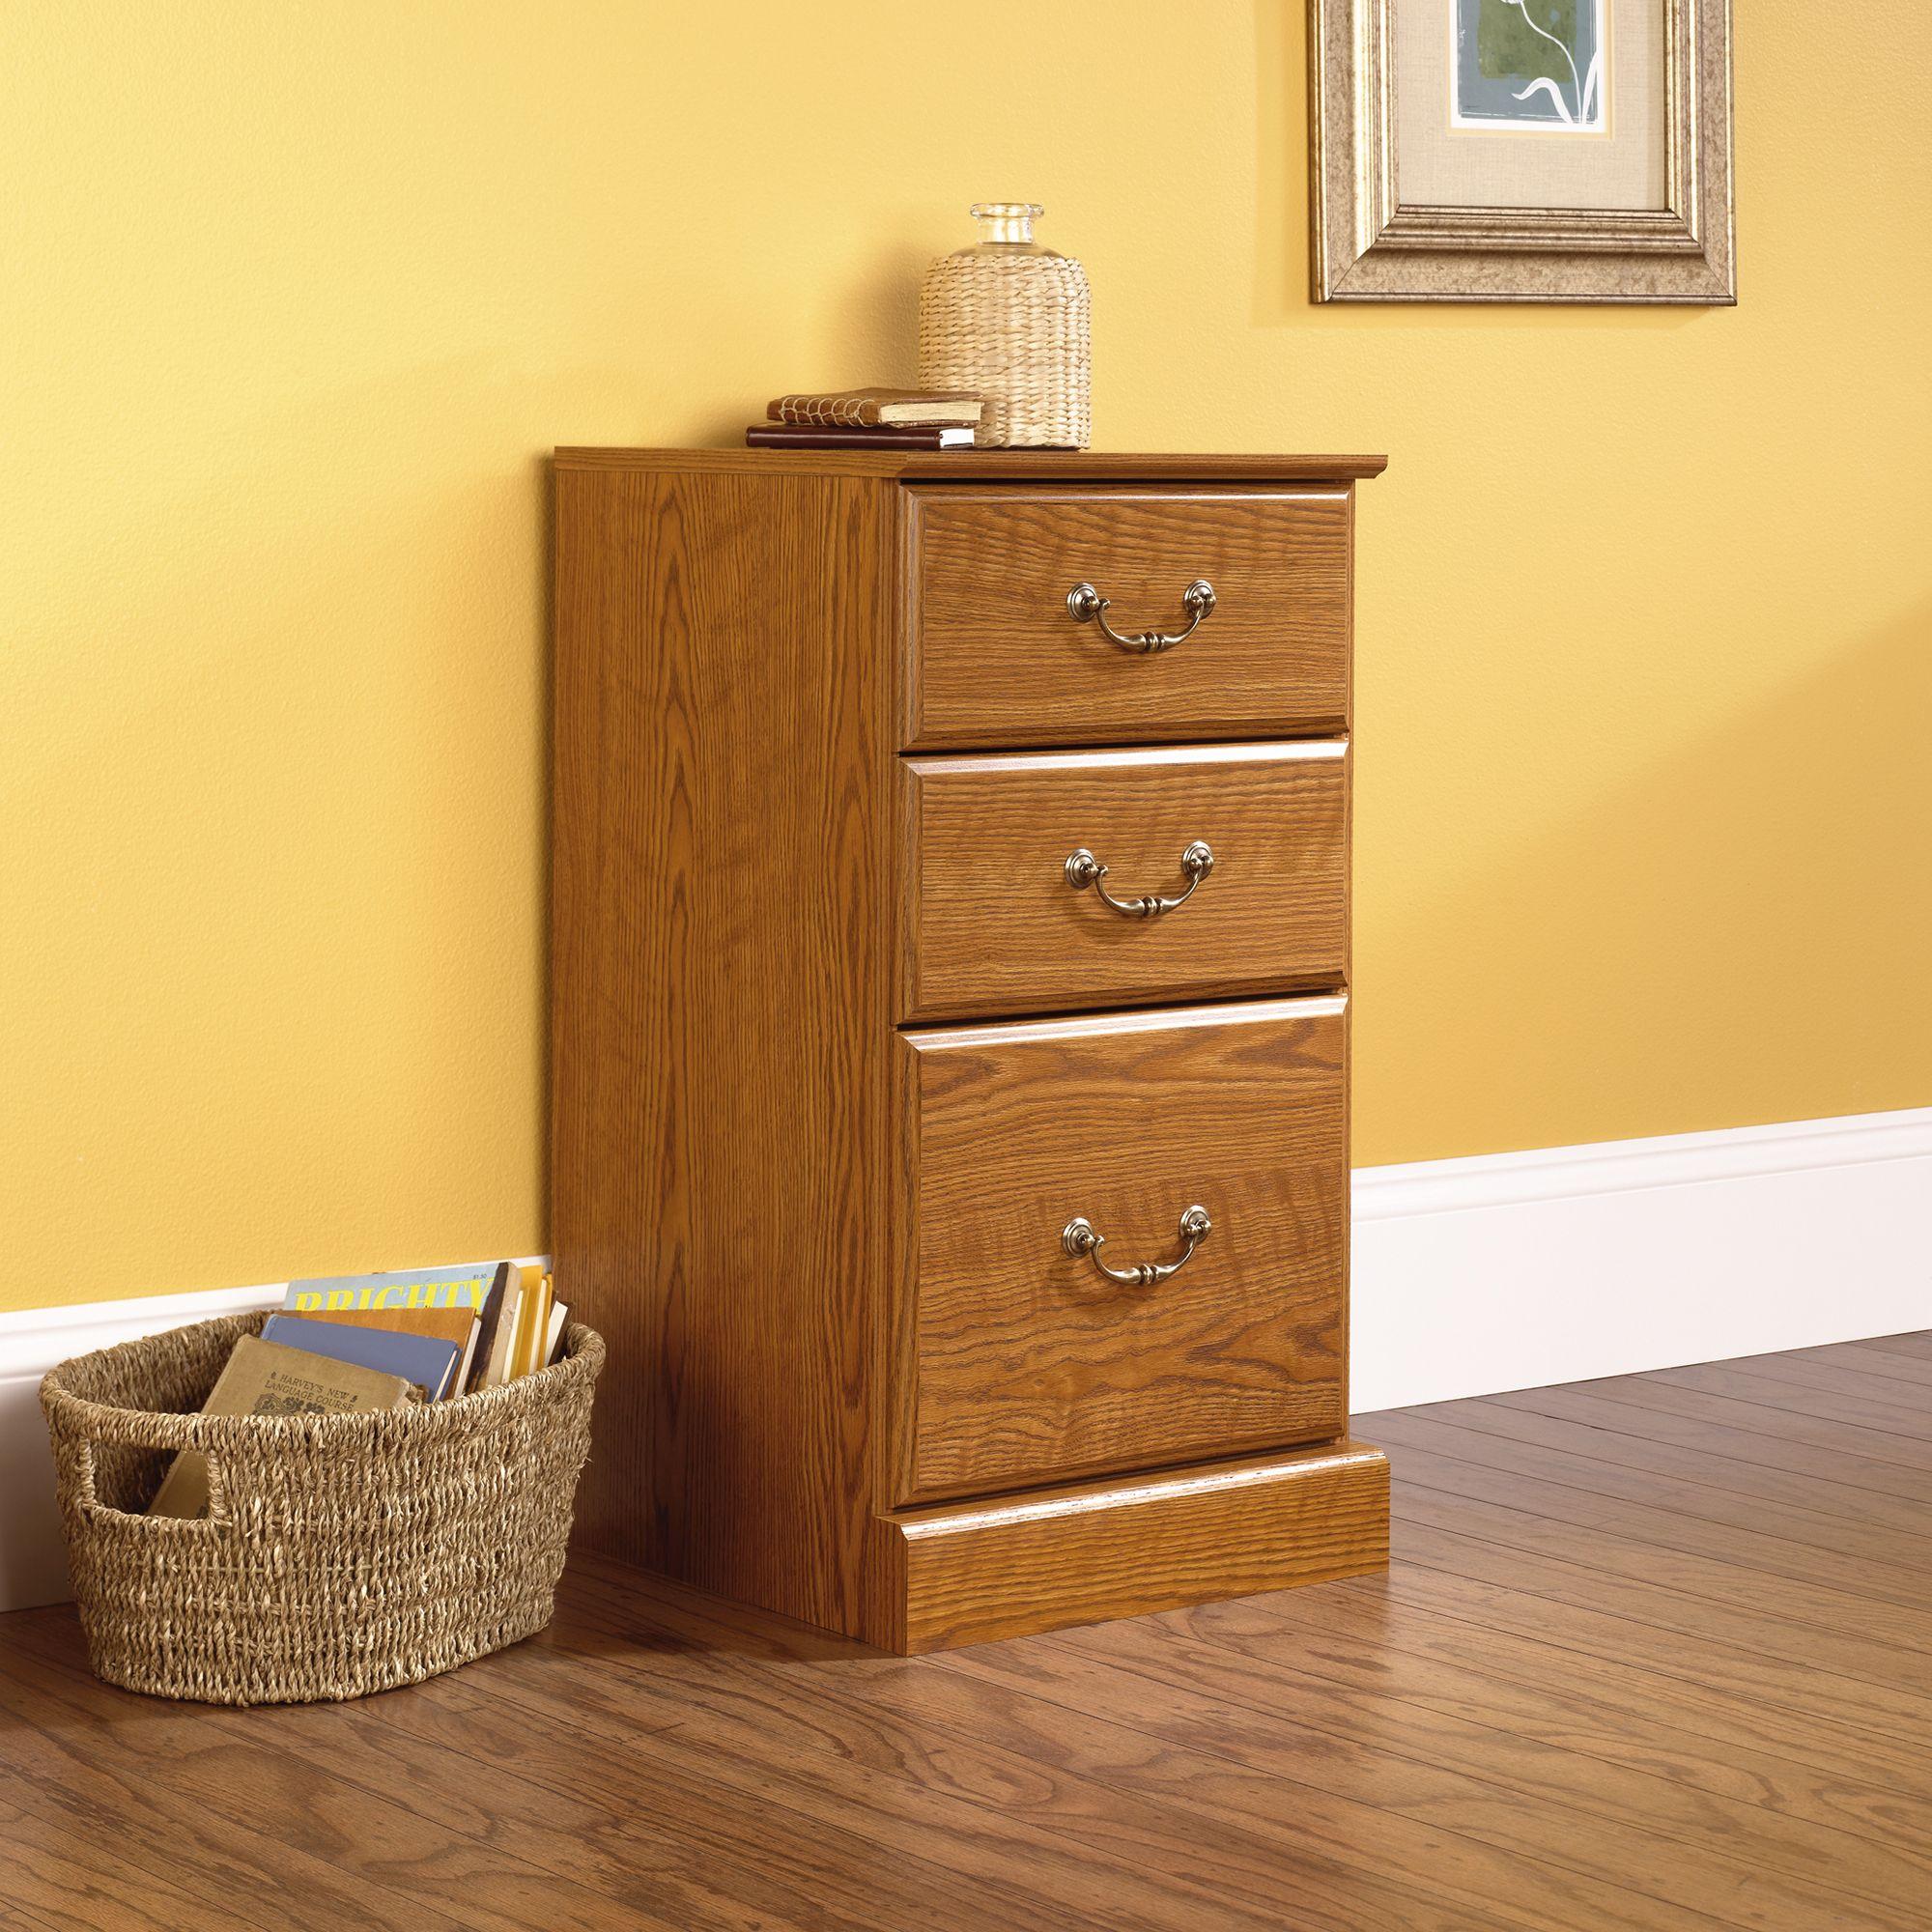 401804 Sauder 3 Drawer Pedestal Carolina Oak Filing Cabinet Office Furniture Accessories Wooden File Cabinet Wooden file cabinet 3 drawer